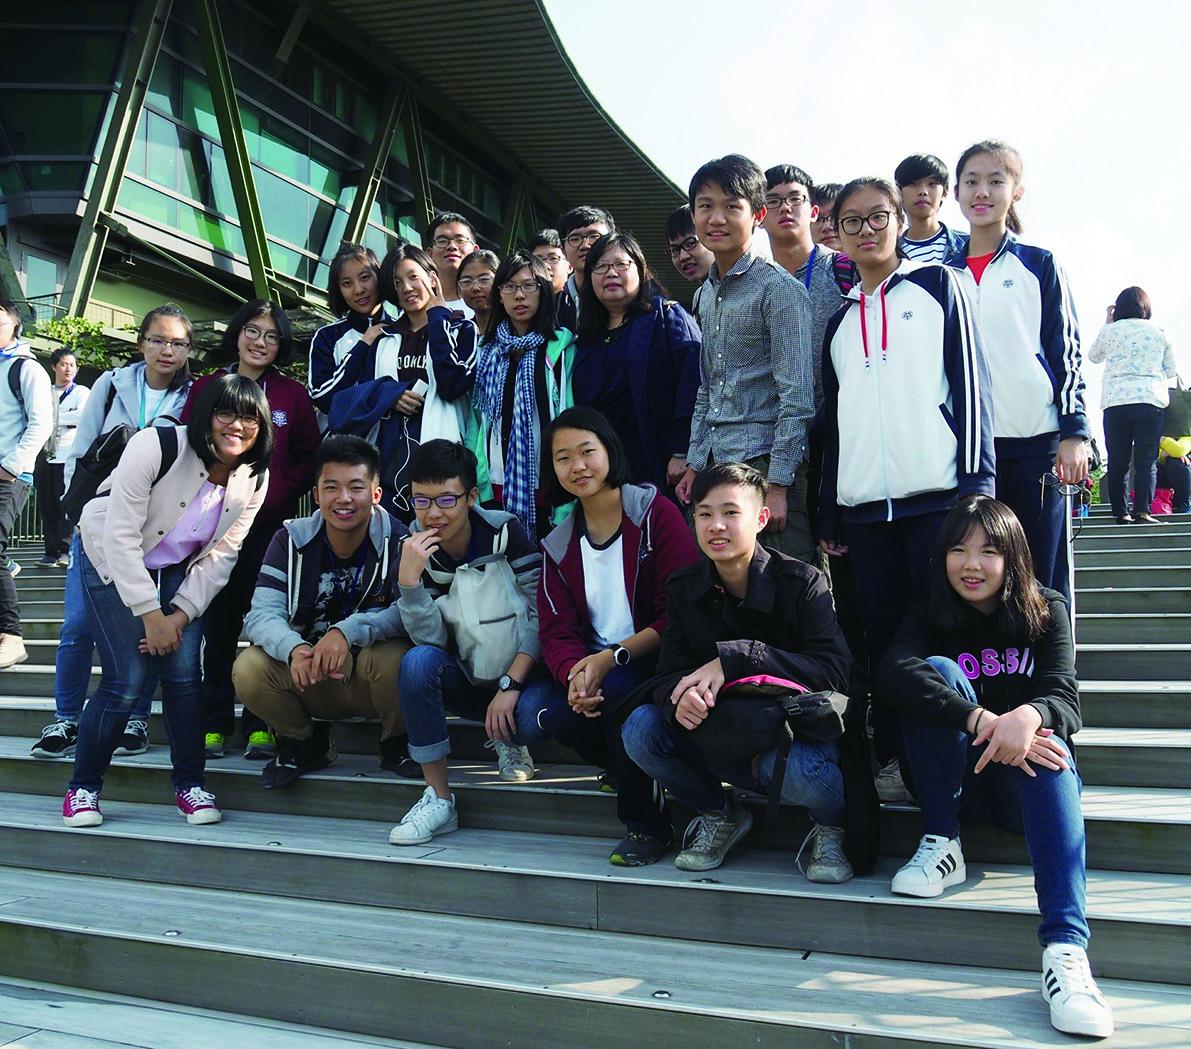 閱讀台灣深度文化之旅 | 有朋自遠方來